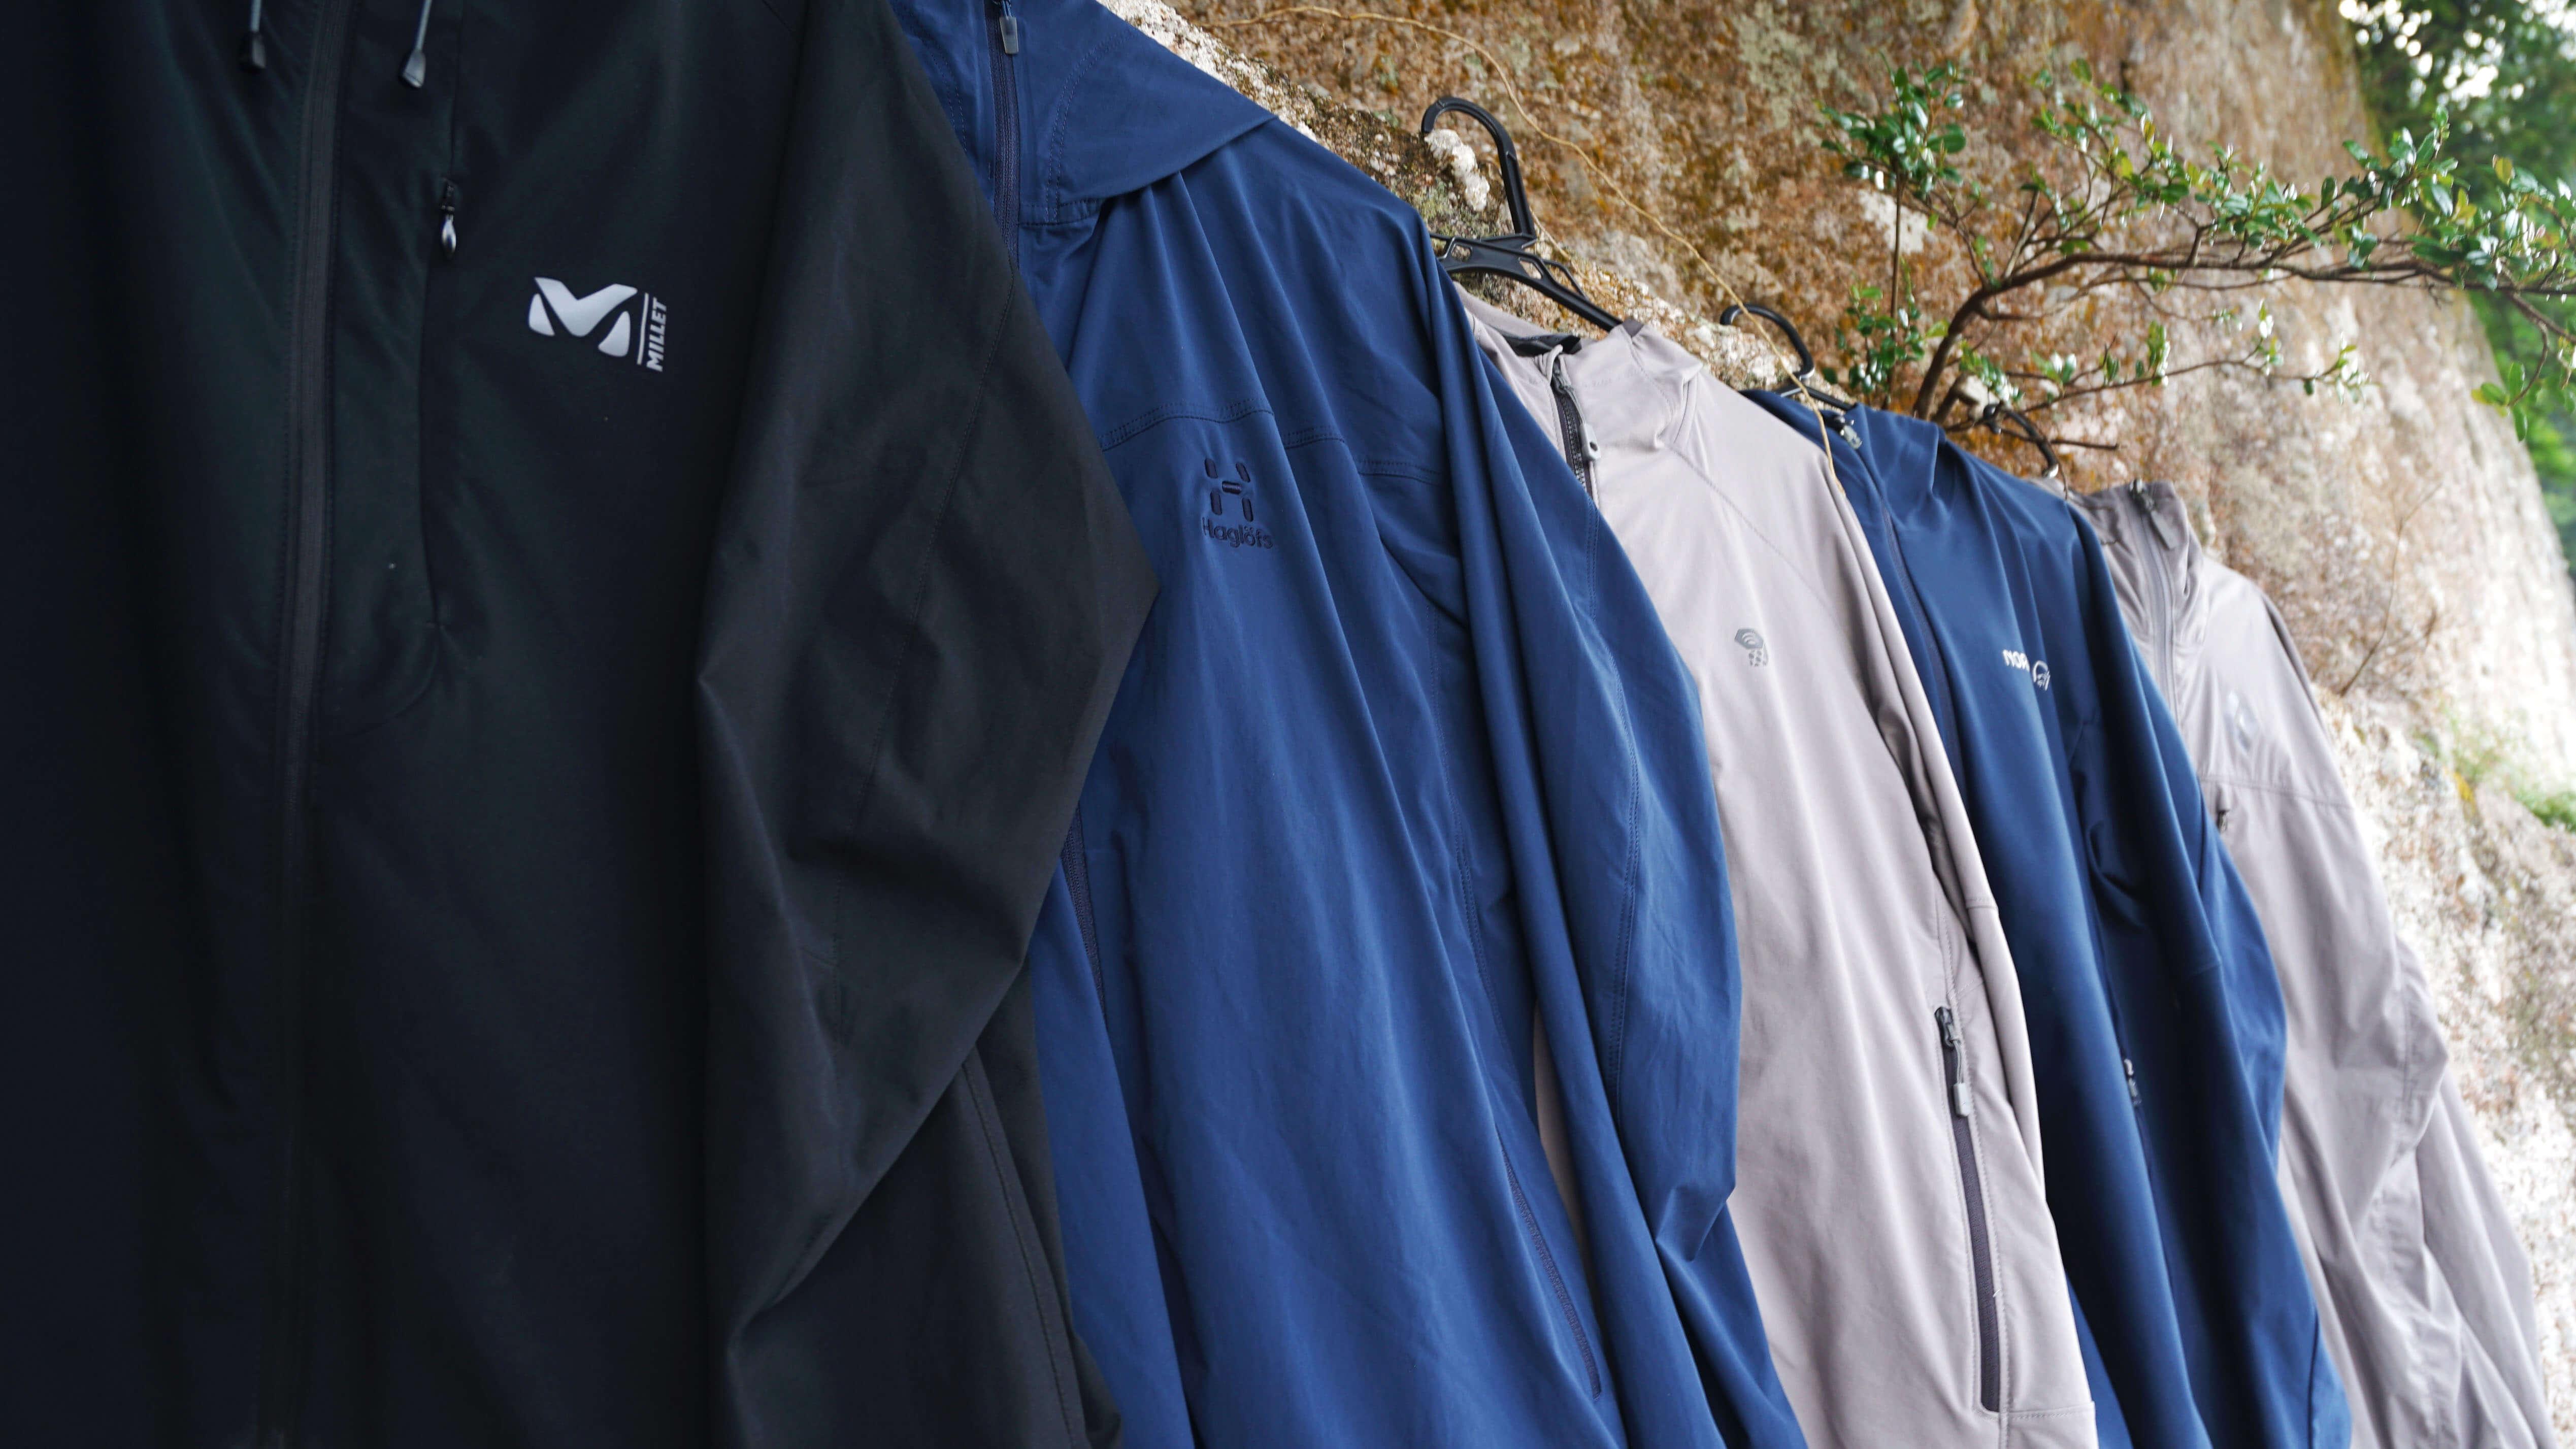 比較レビュー:万能ジャケット ソフトシェル 一番「ちょうどいい」のは?春〜秋モデルを着比べてみた